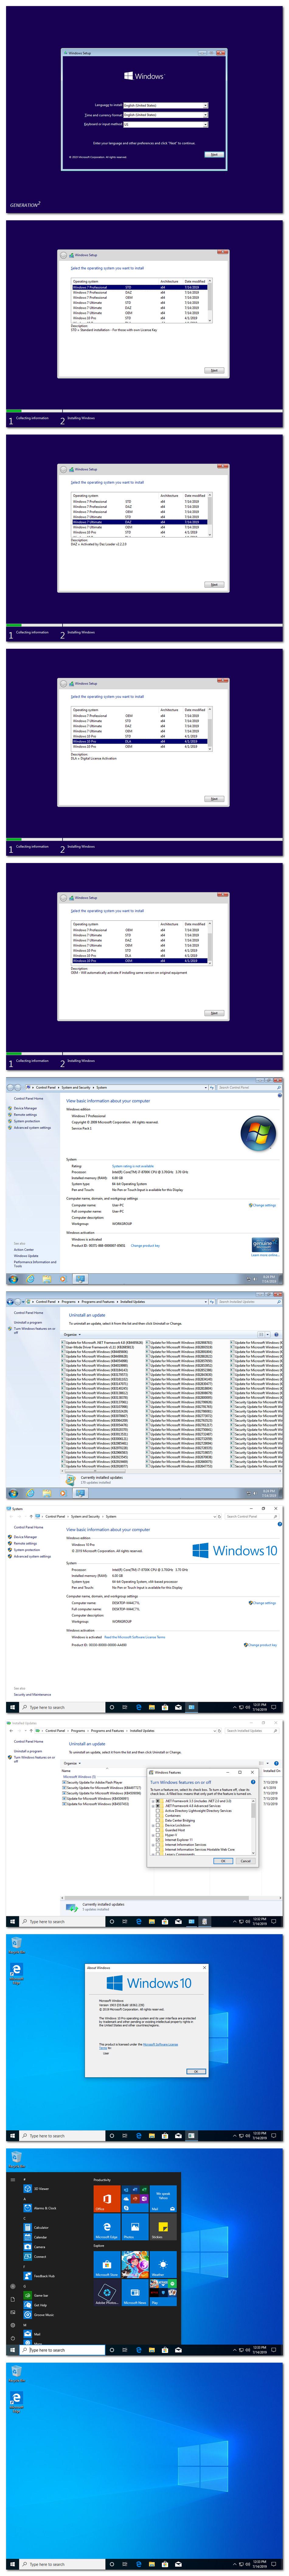 Windows 7 10 X86 X64 18in1 DUAL BOOT en-US JULY 2019 {Gen2}